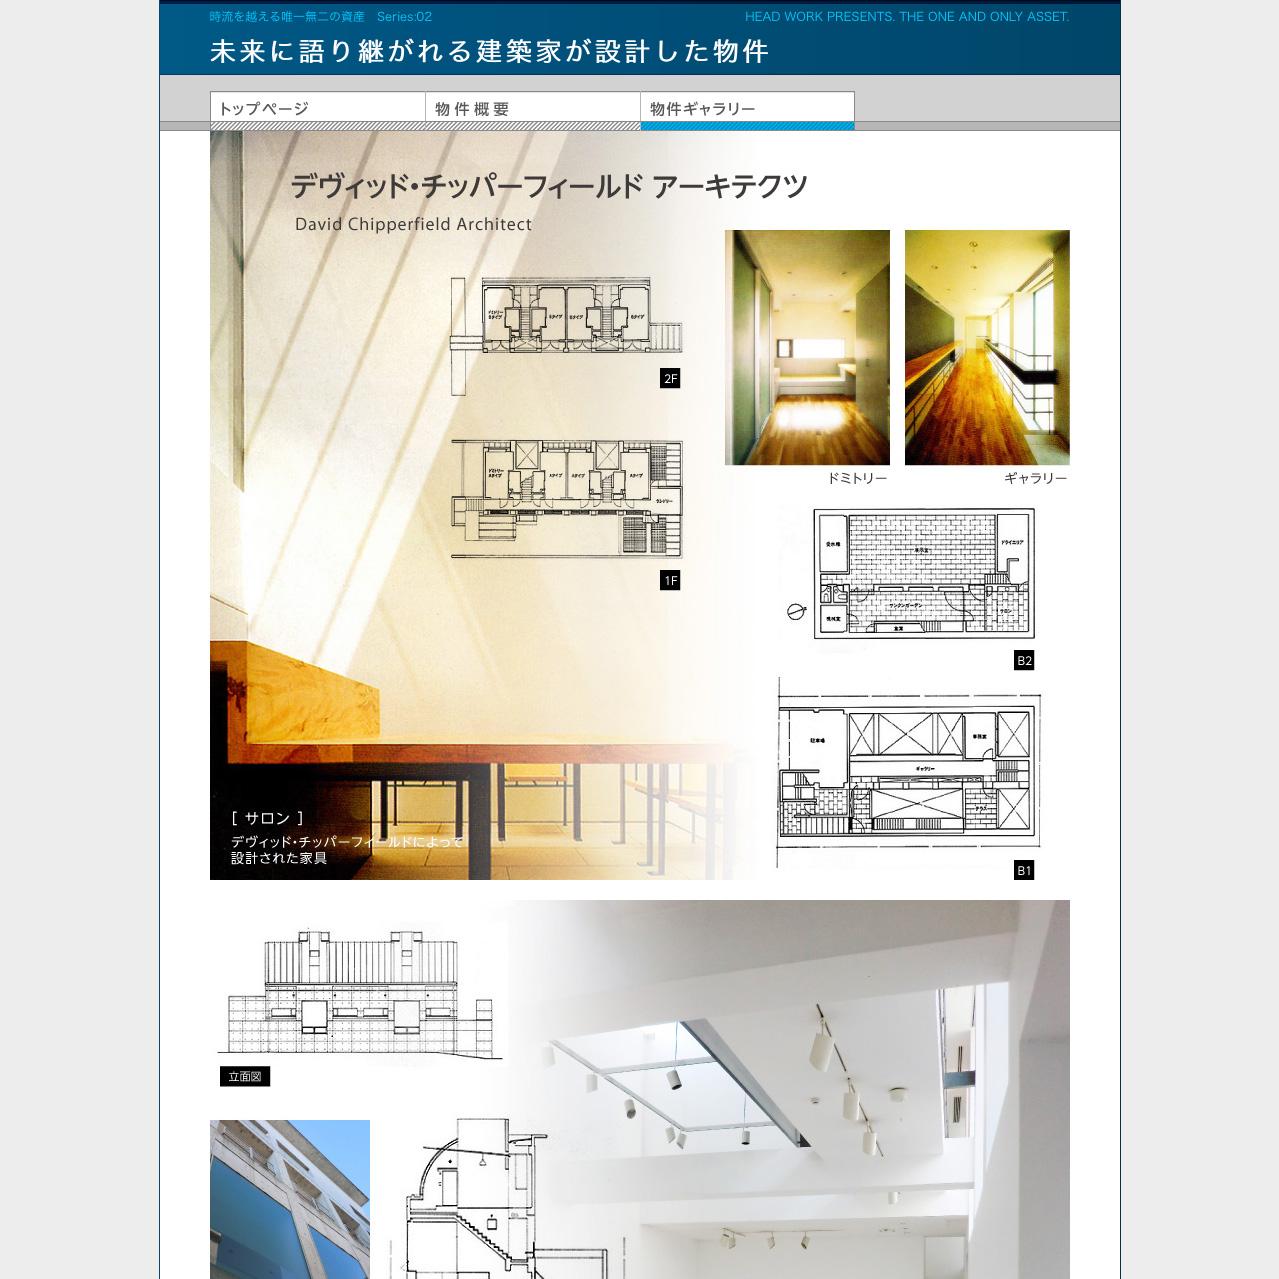 デヴィッド・チッパーフィールド設計3階建美術館 物件ギャラリーページ